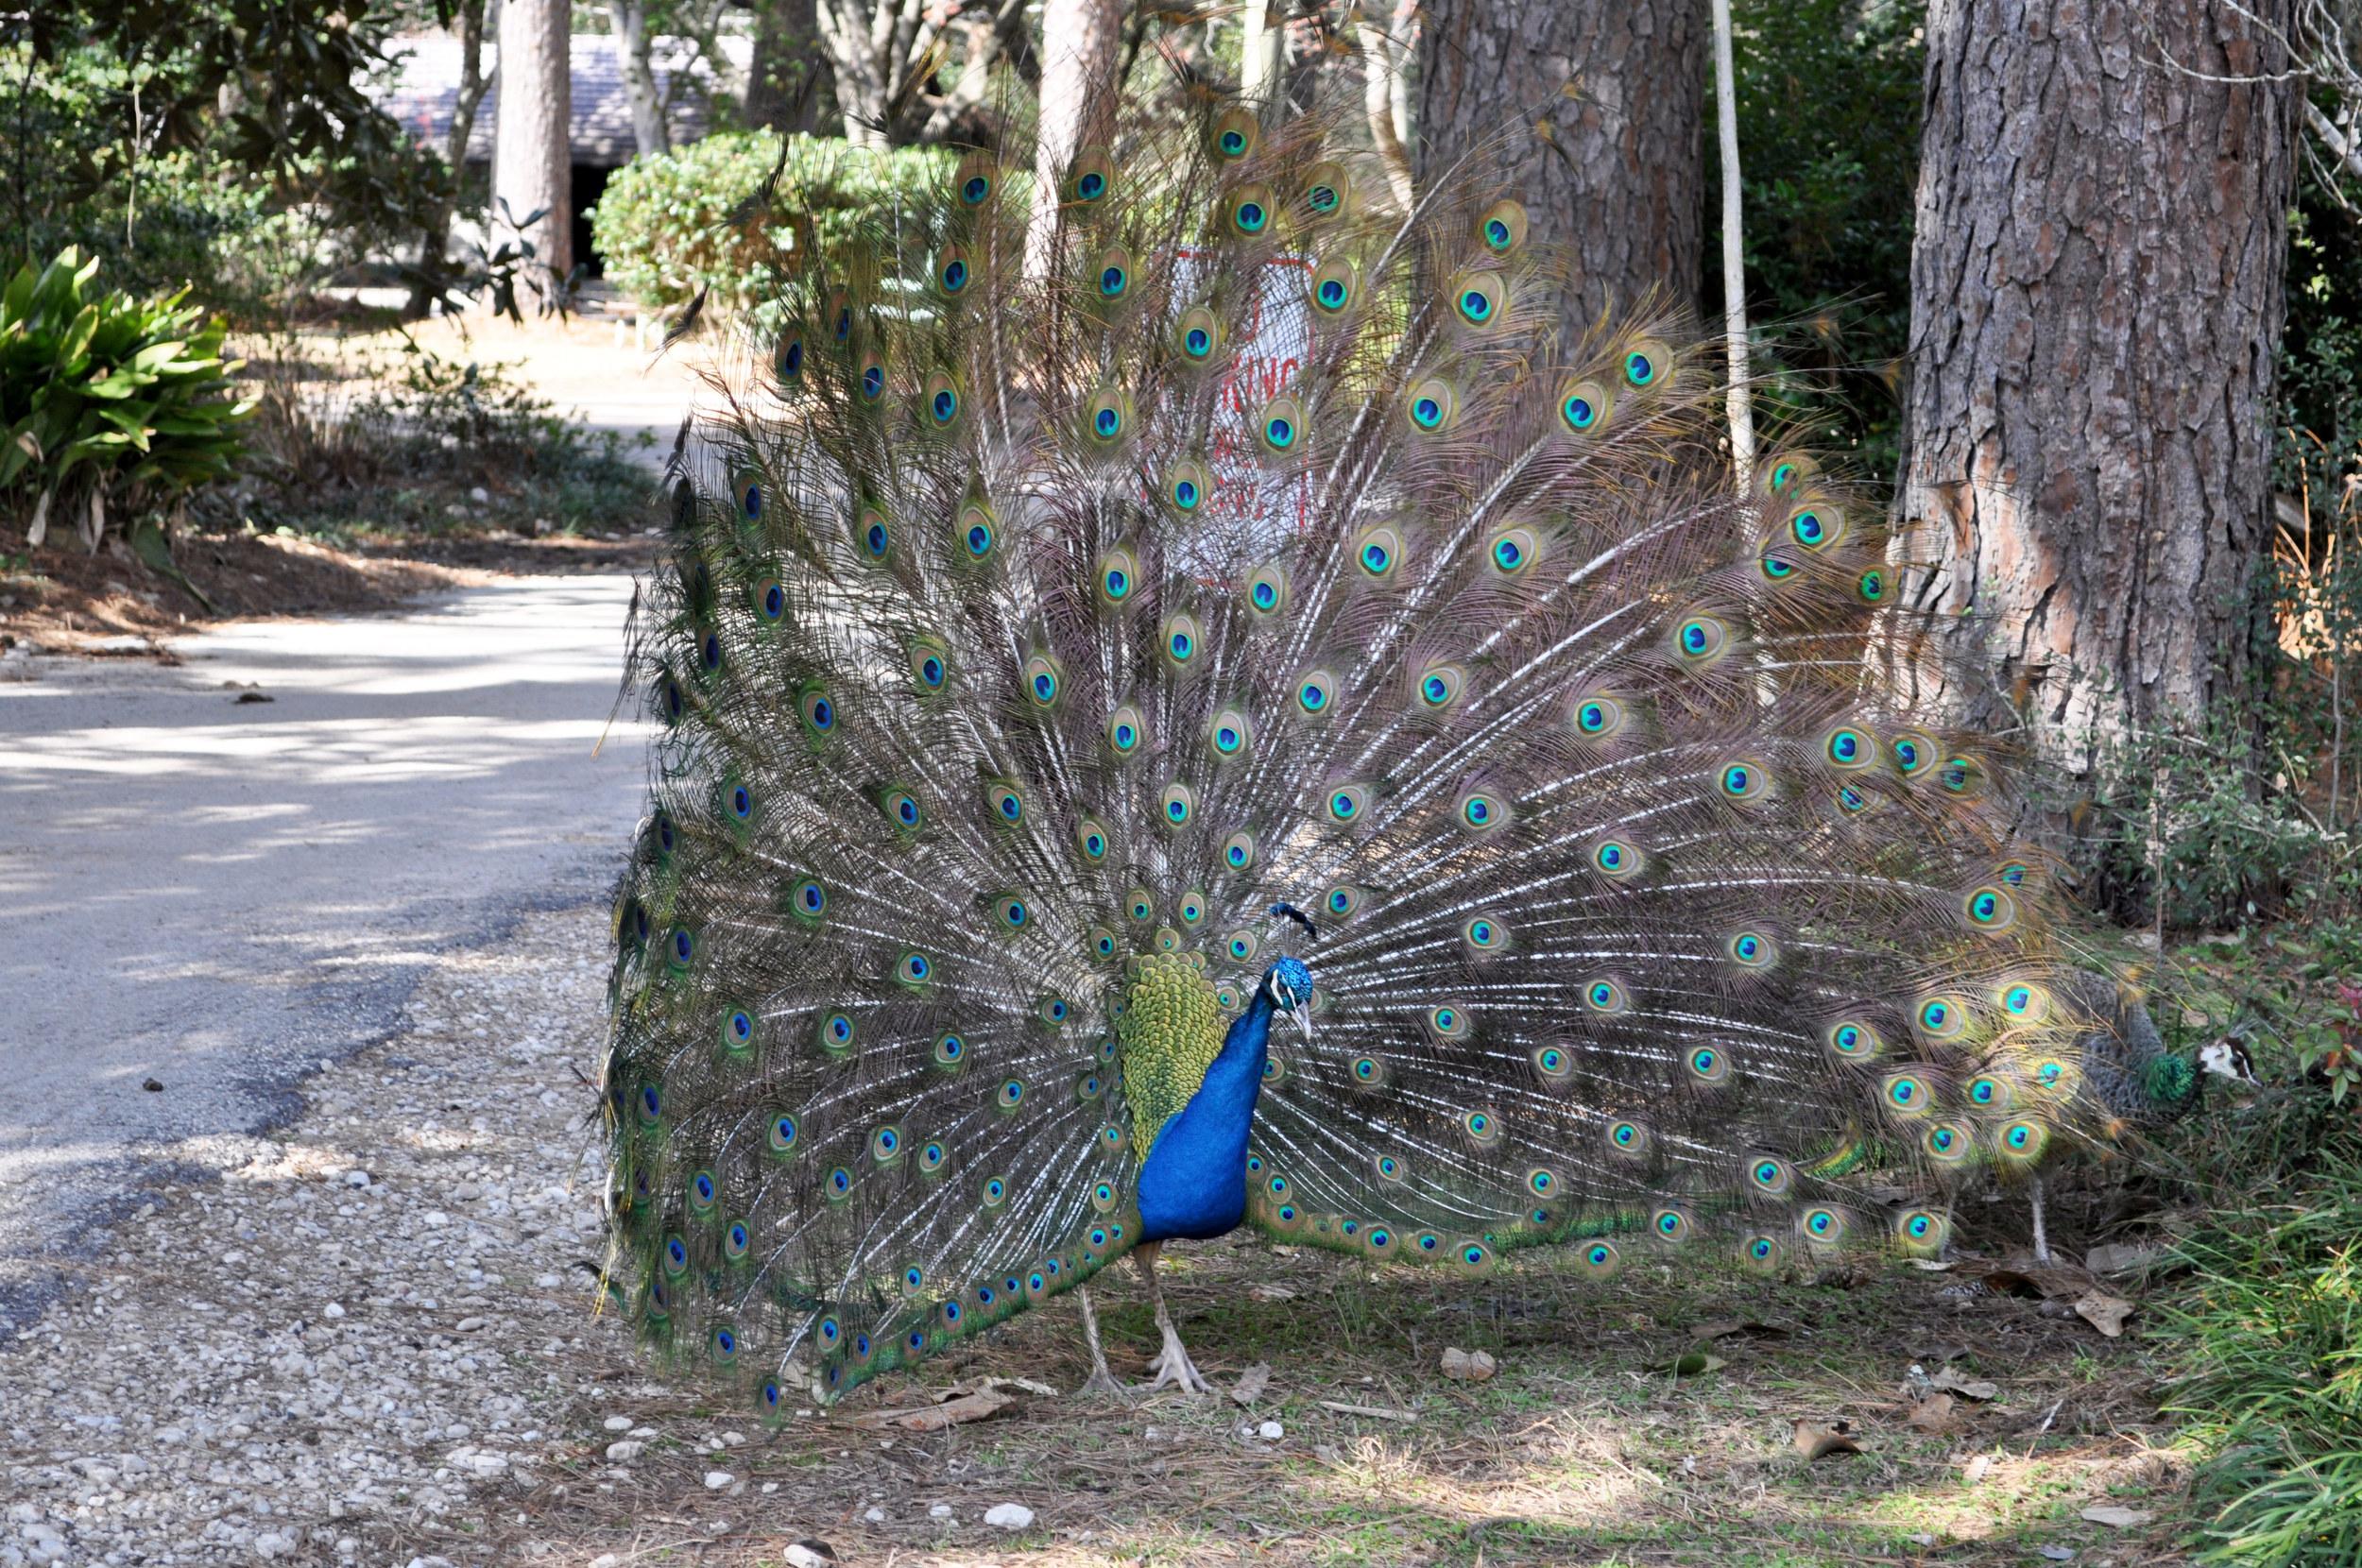 Wildlife-(Peacock)1.jpg